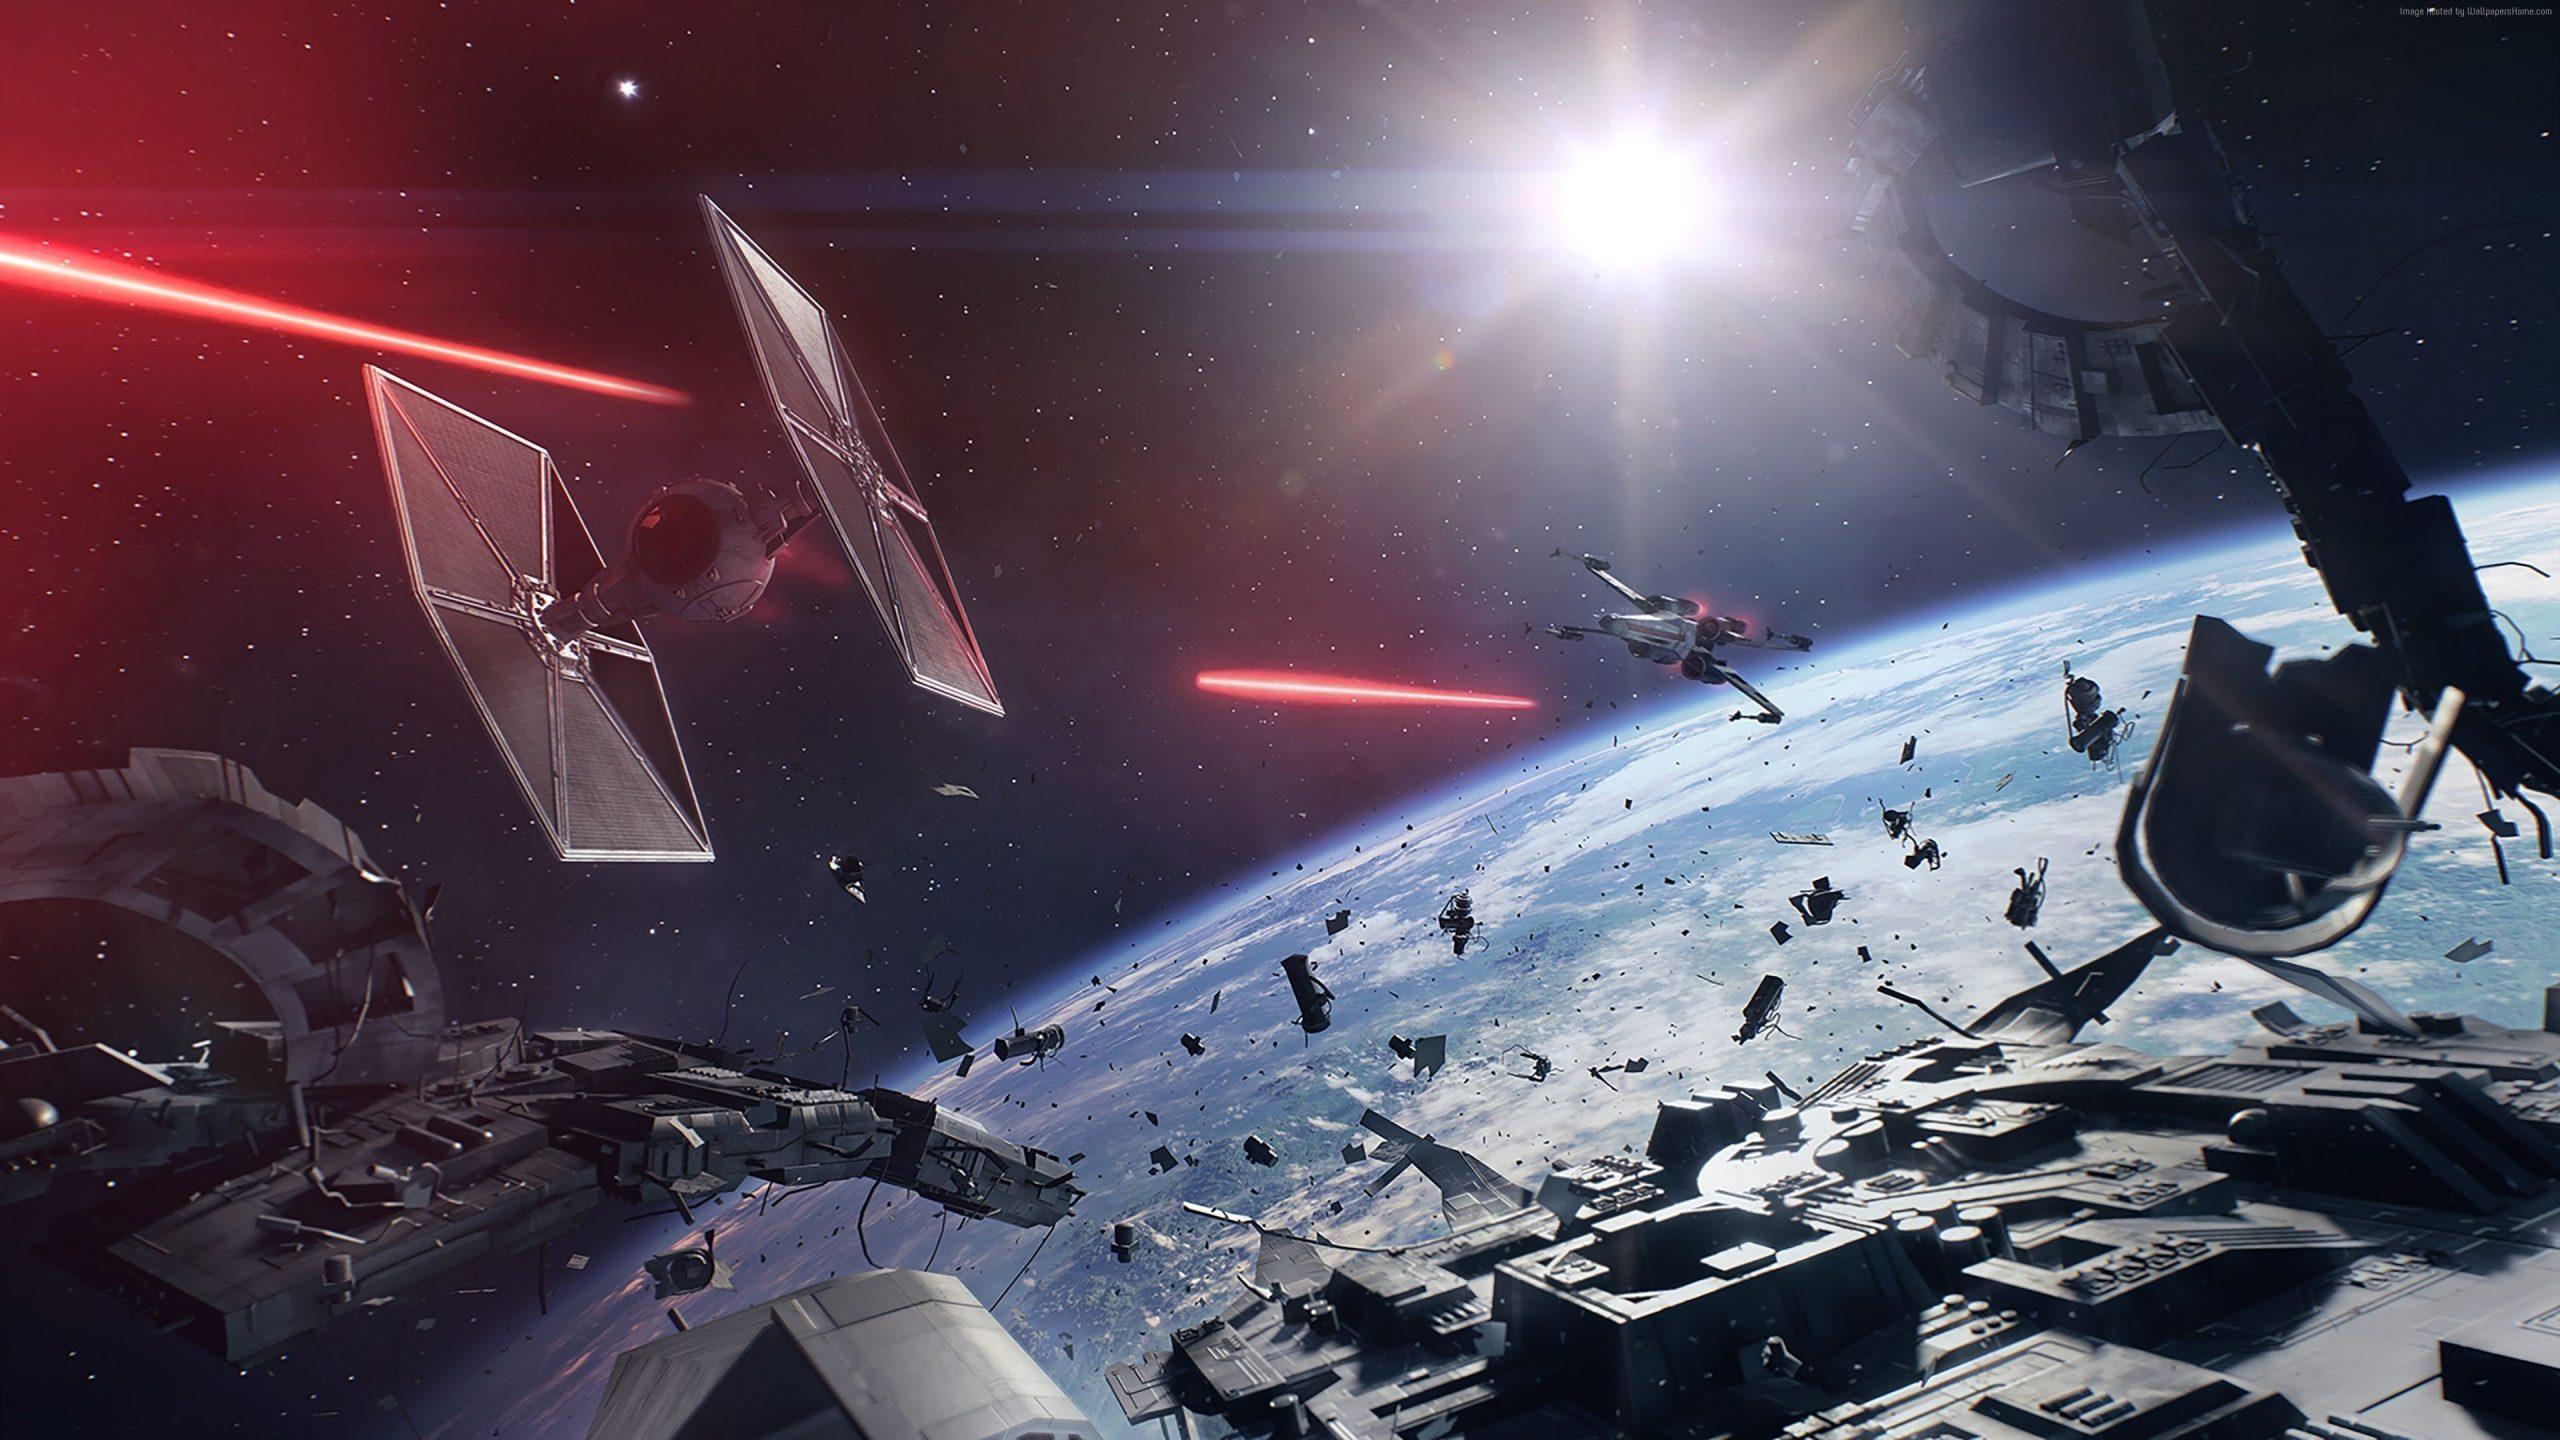 Звёздные войны: Скайуокер. Восход (сайт Минской школы киноискусства)